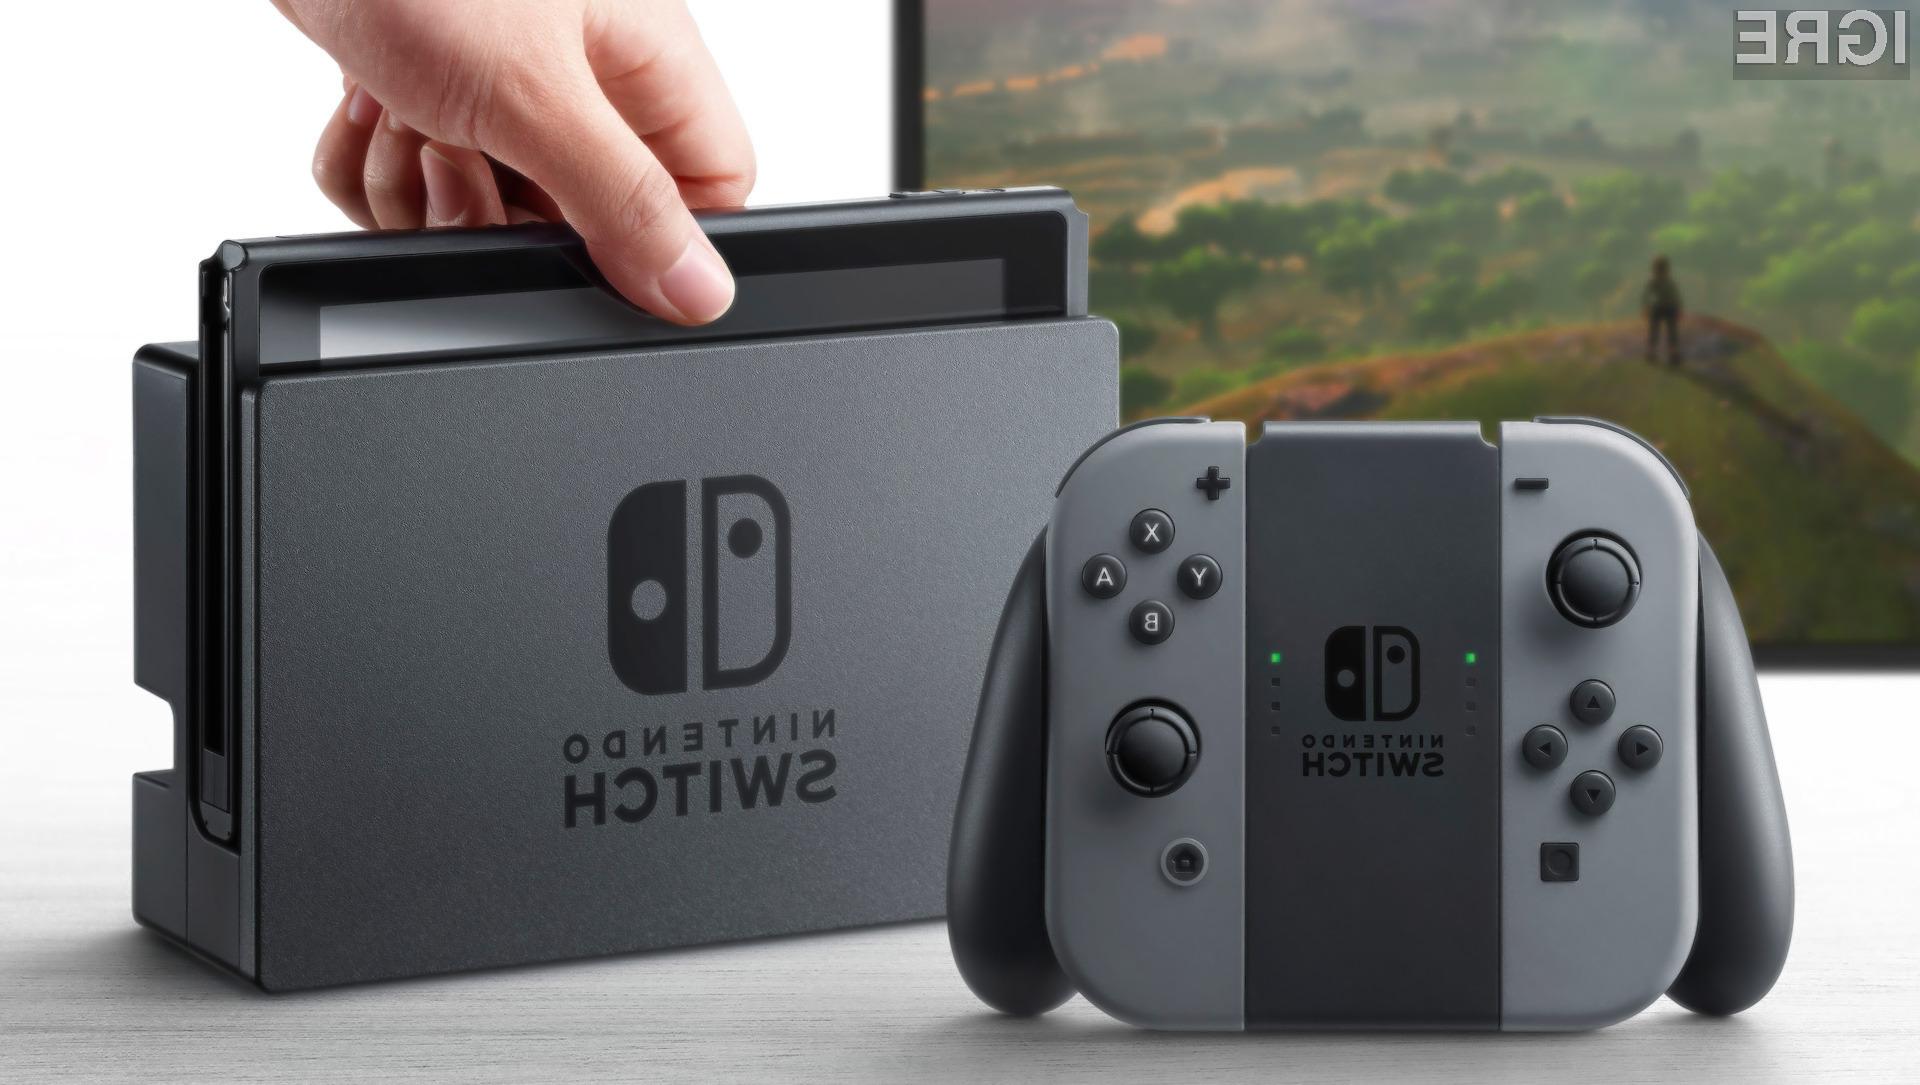 Igralna konzola Nintendo Switch naj bi prinesla veliko igričarskih užitkov!